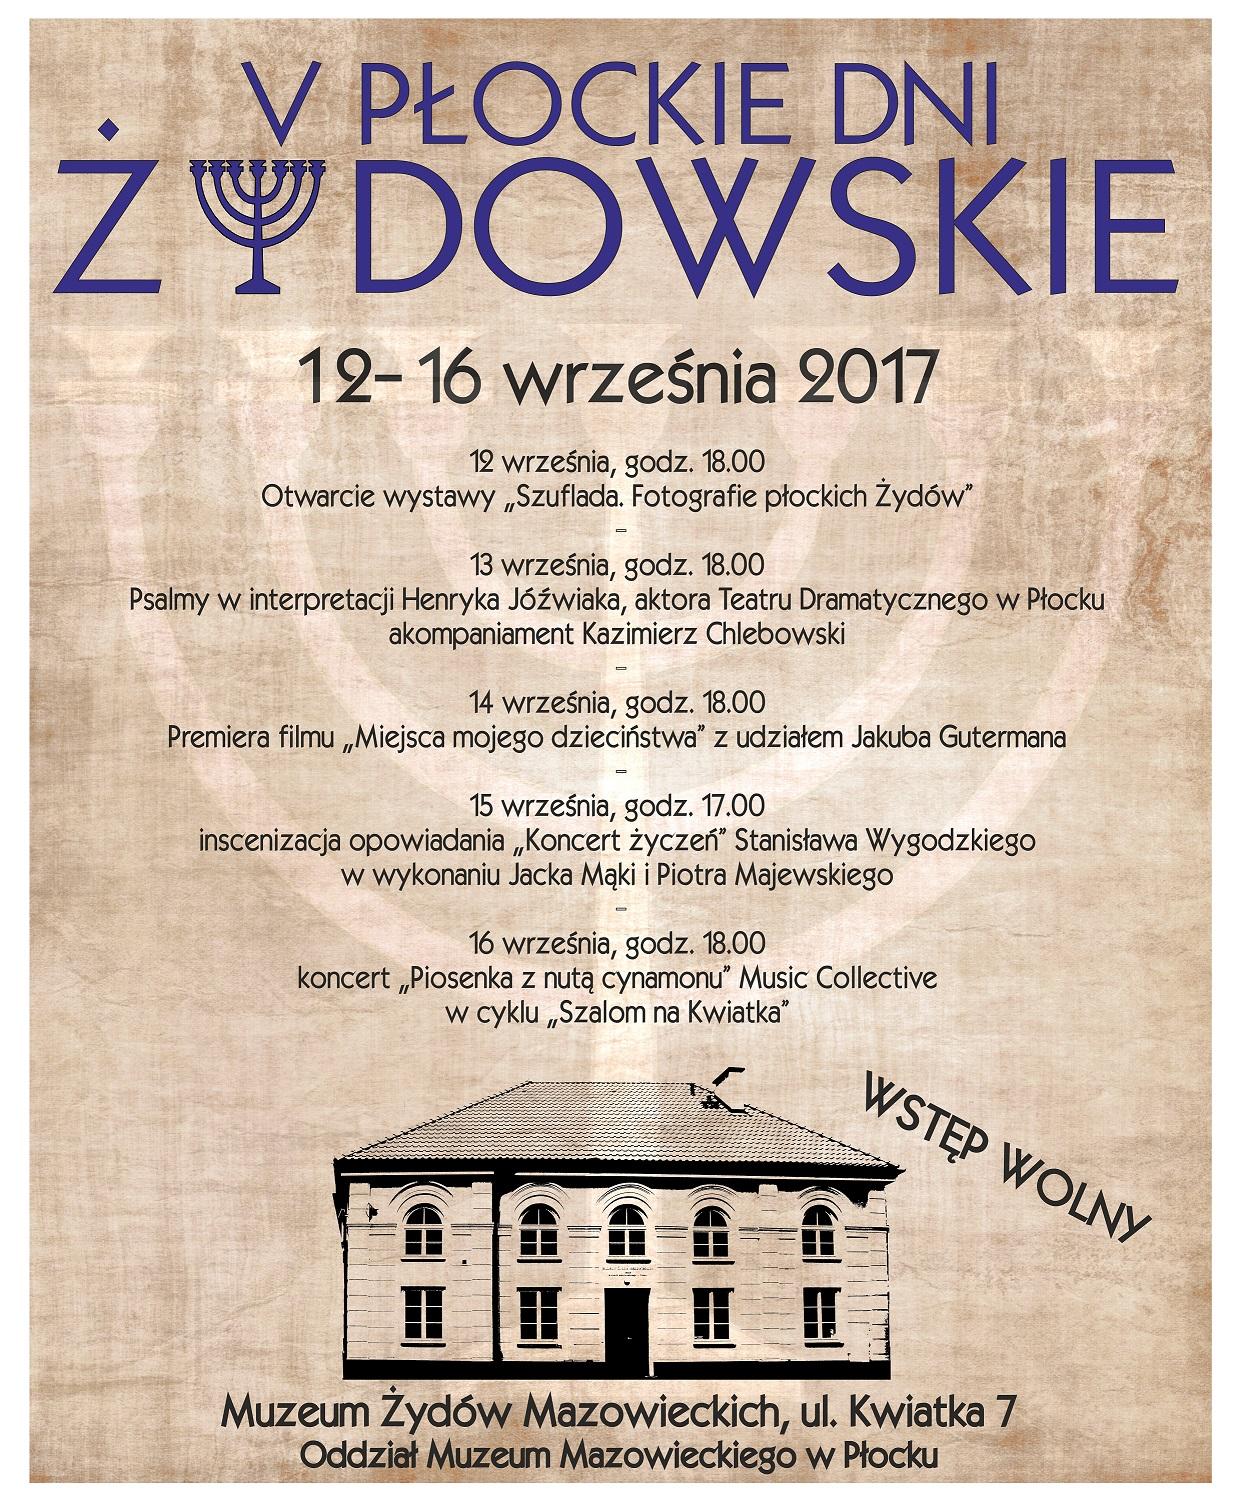 5. Płockie Dni Żydowskie (źródło: materiały prasowe organizatora)